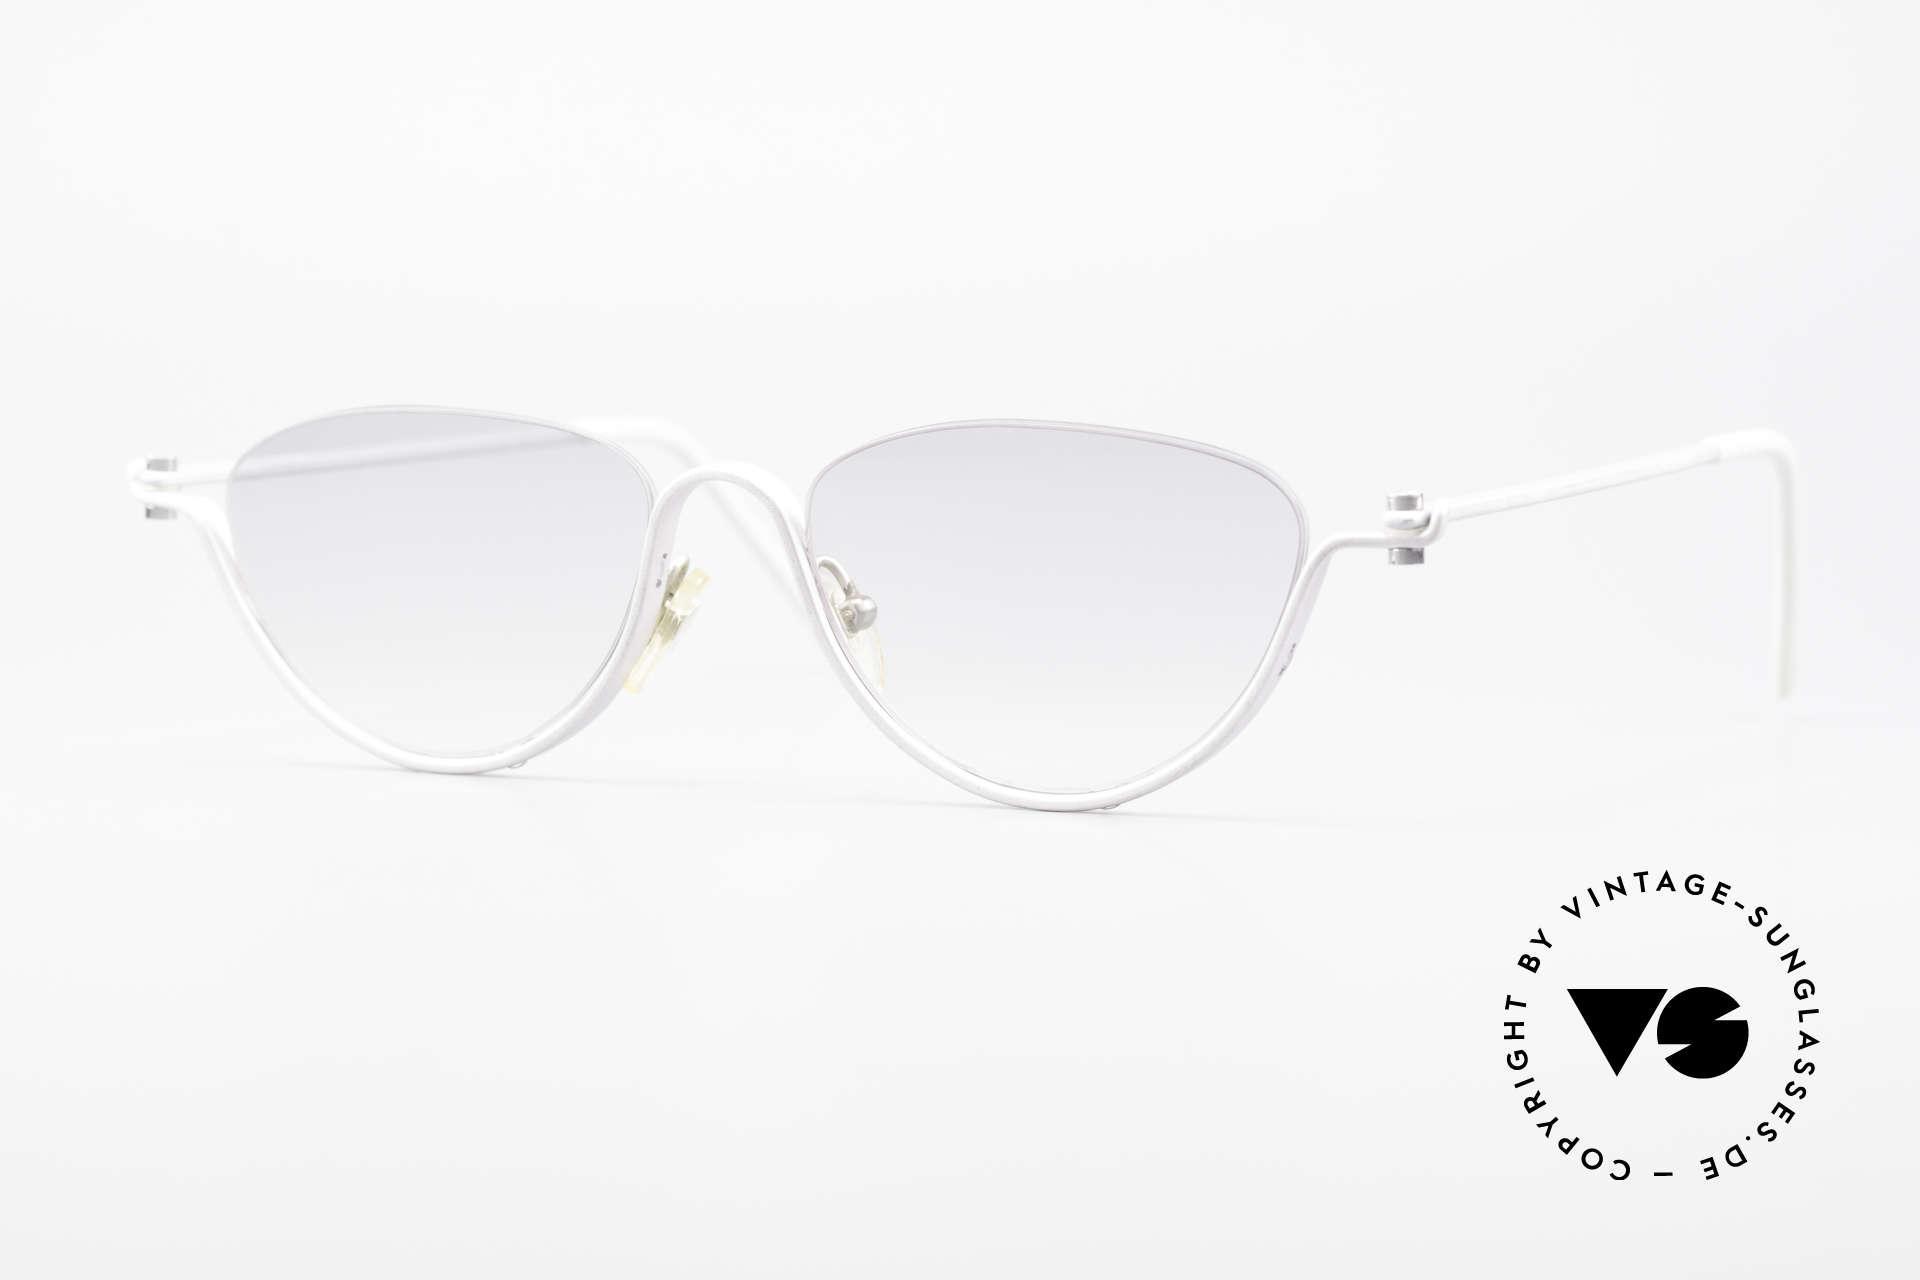 ProDesign No10 Gail Spence Design Sunglasses, Pro Design N°TEN - Optic Studio Denmark Shades, Made for Women